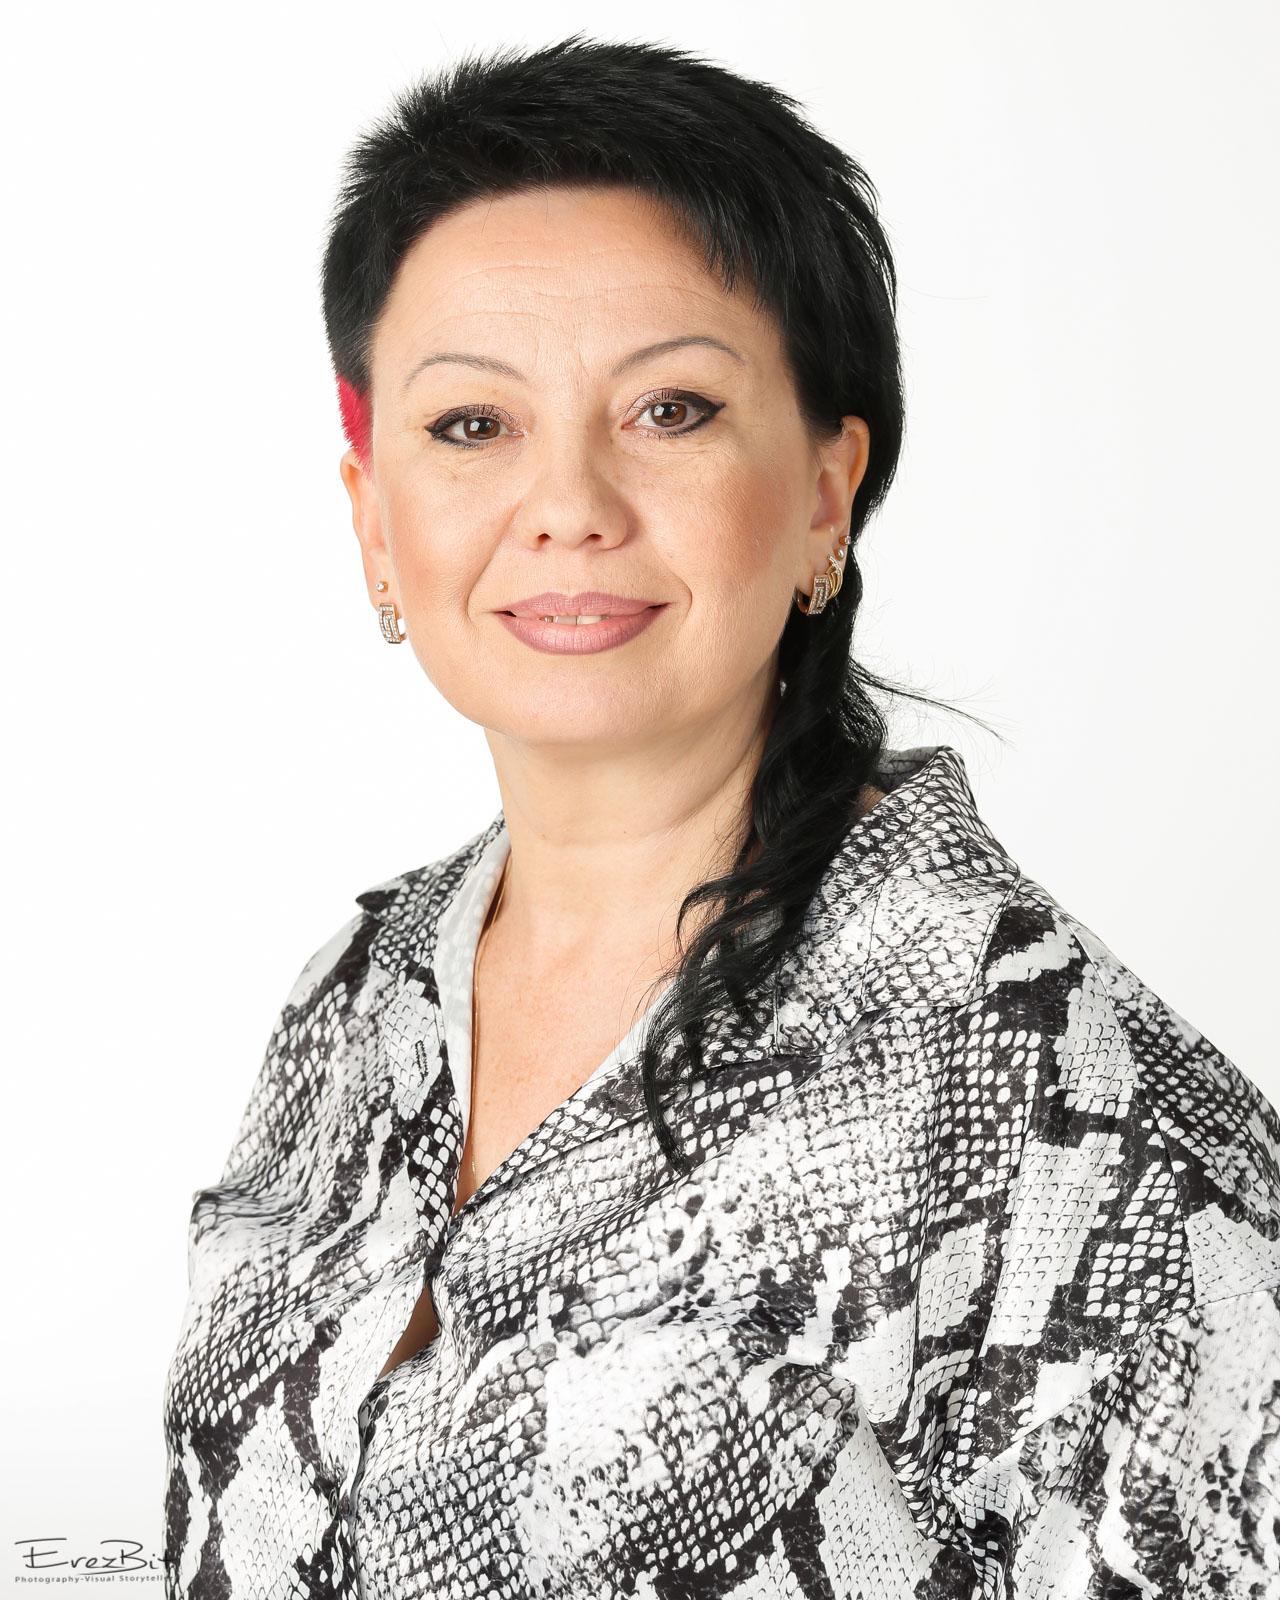 Dr. Oksana Nir